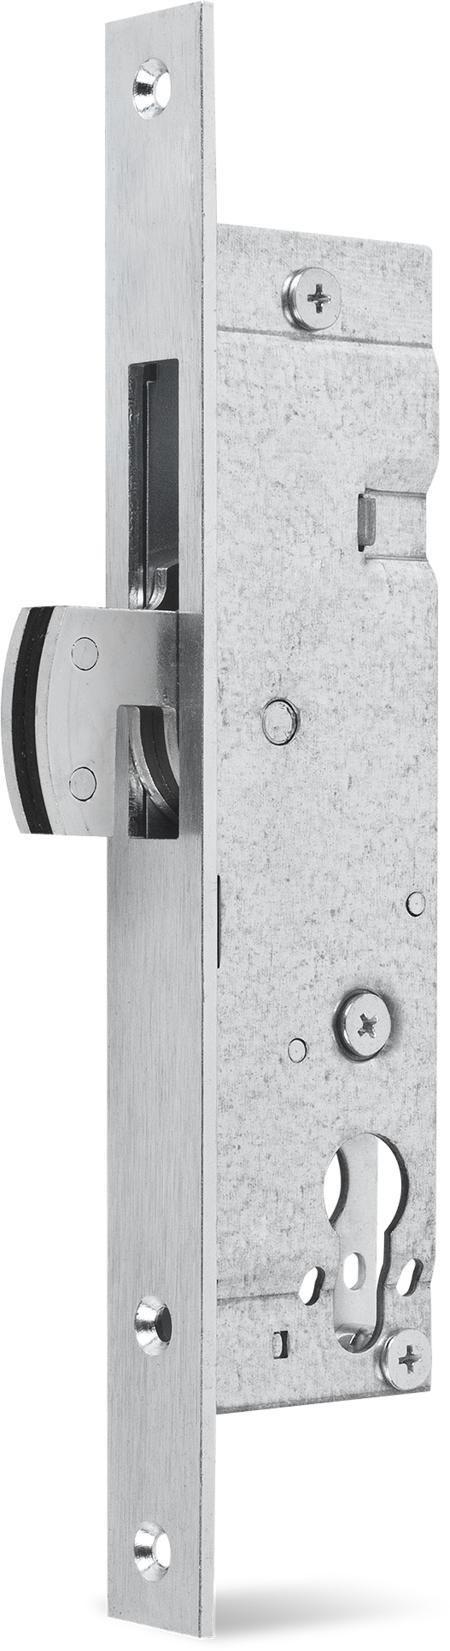 Einsteckschloss mit Haken-Schwenkriegel, Stahl verzinkt, Dornmaß 25 mm, Stulp 24 x 245 x 3 mm